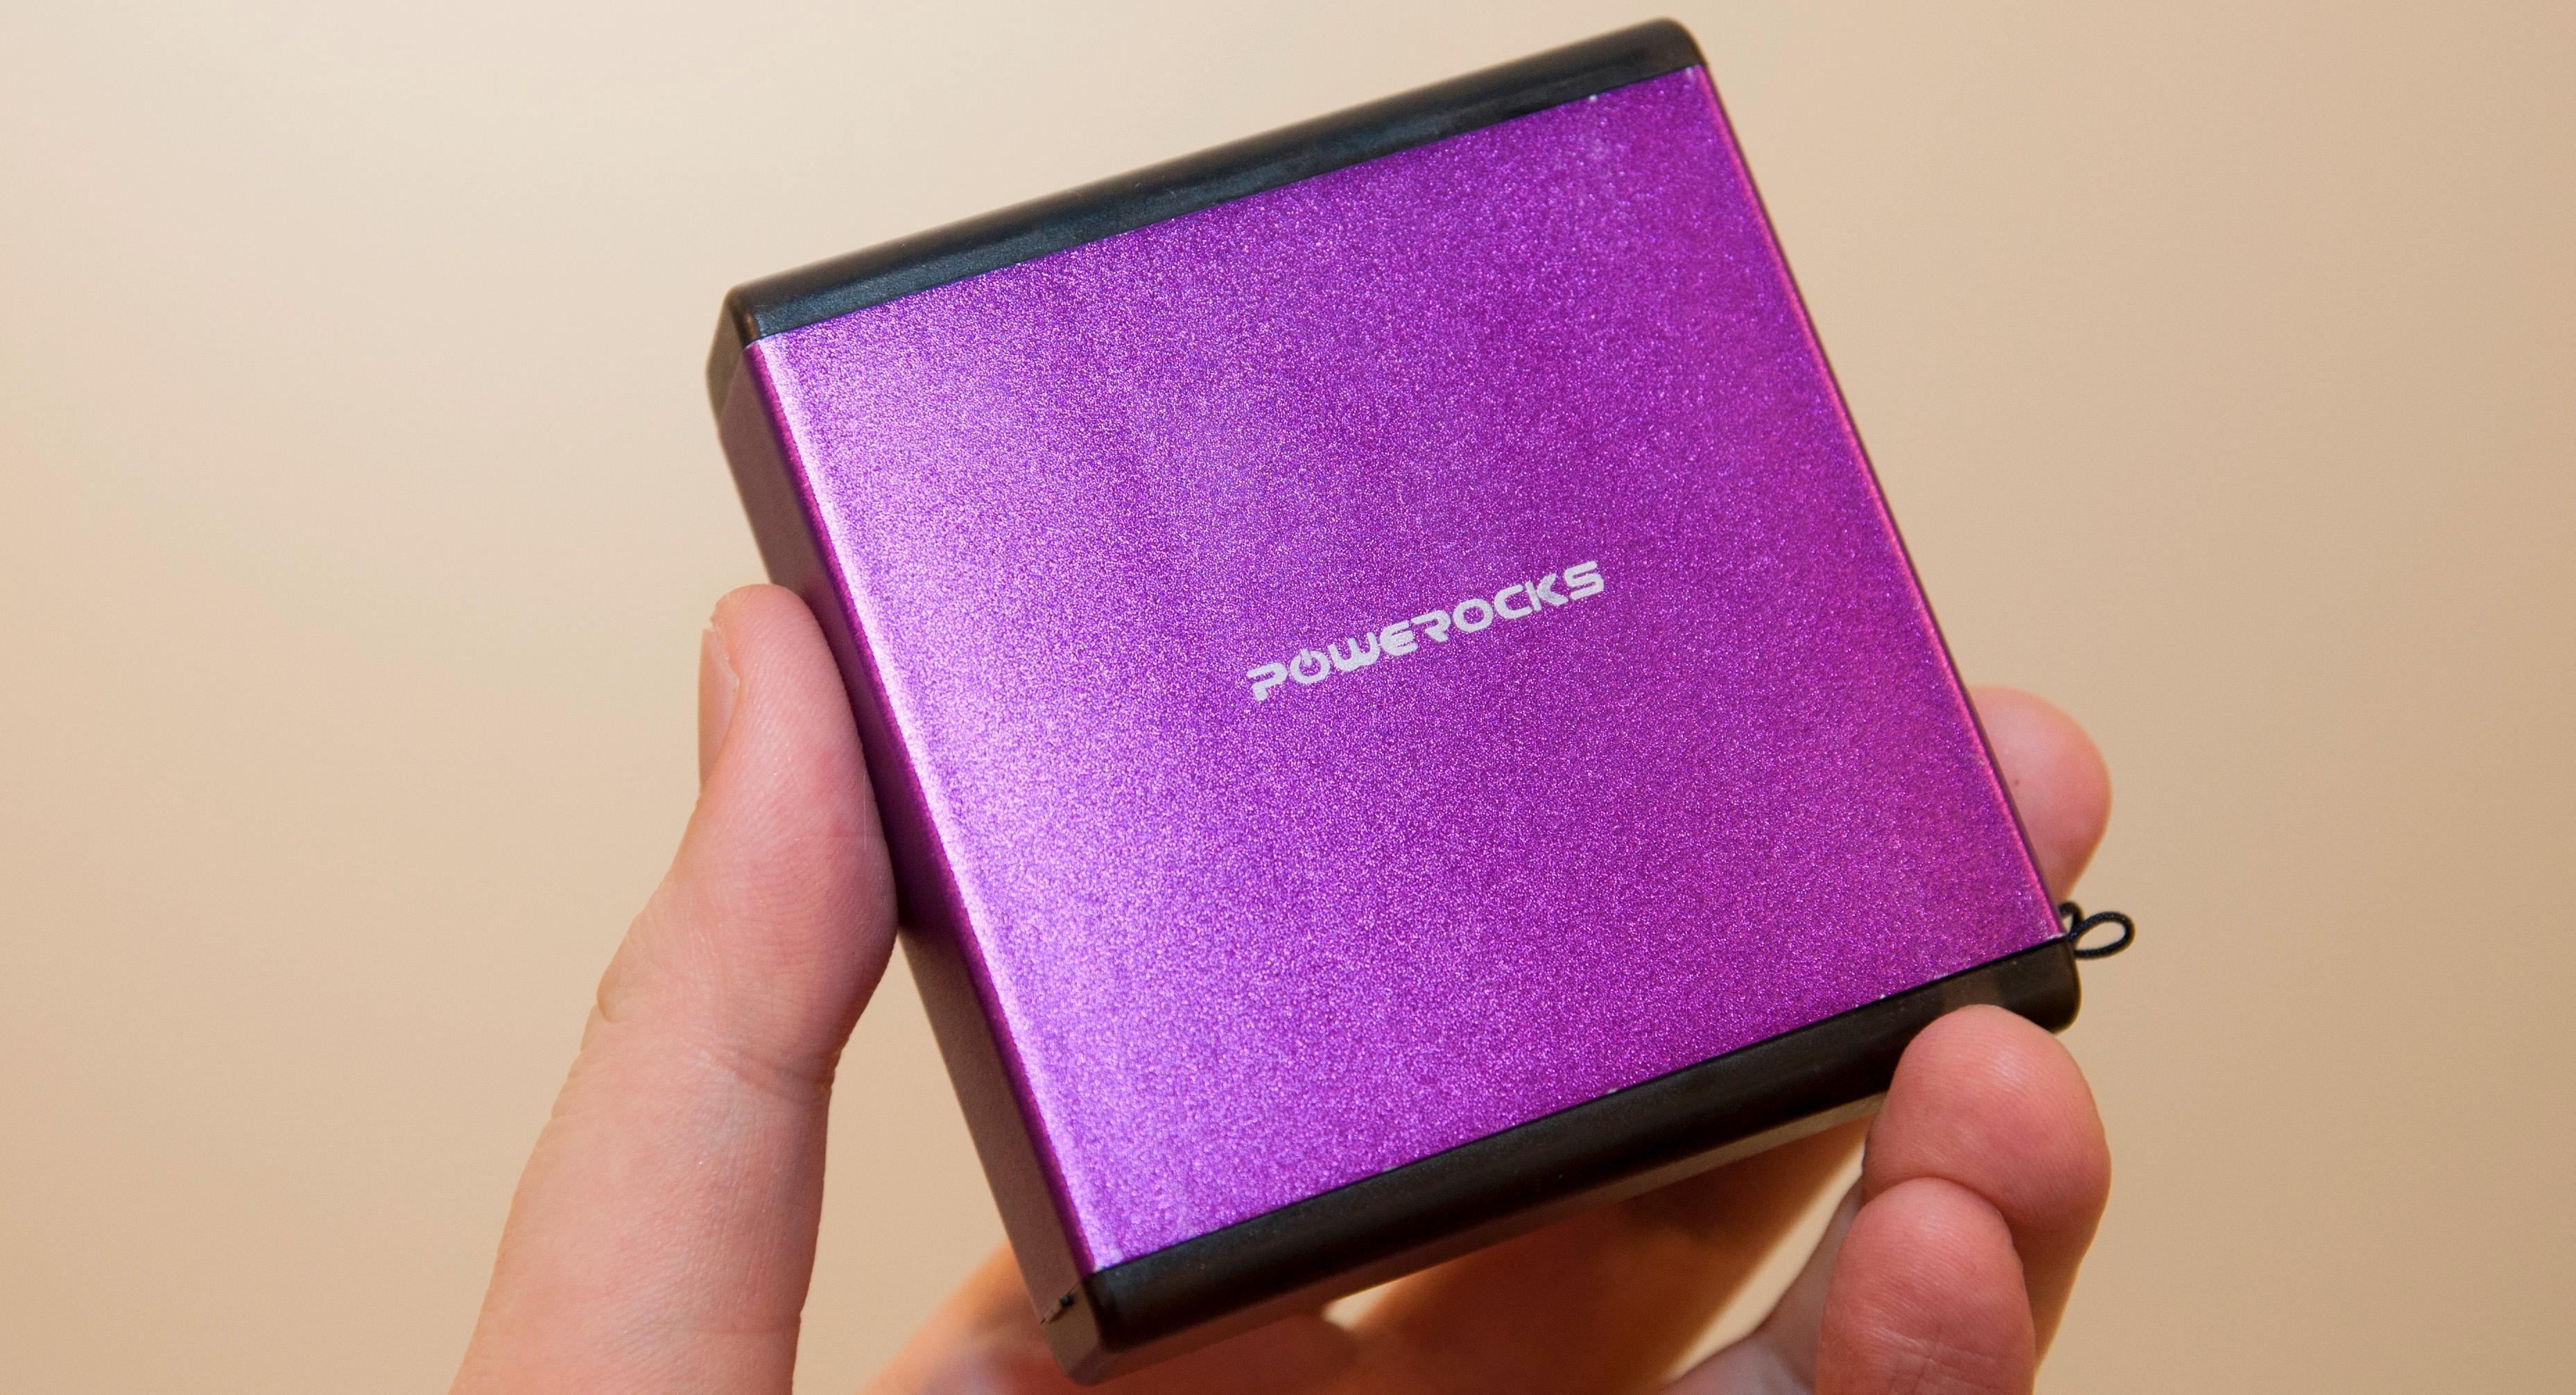 Powerocks Magic Cube